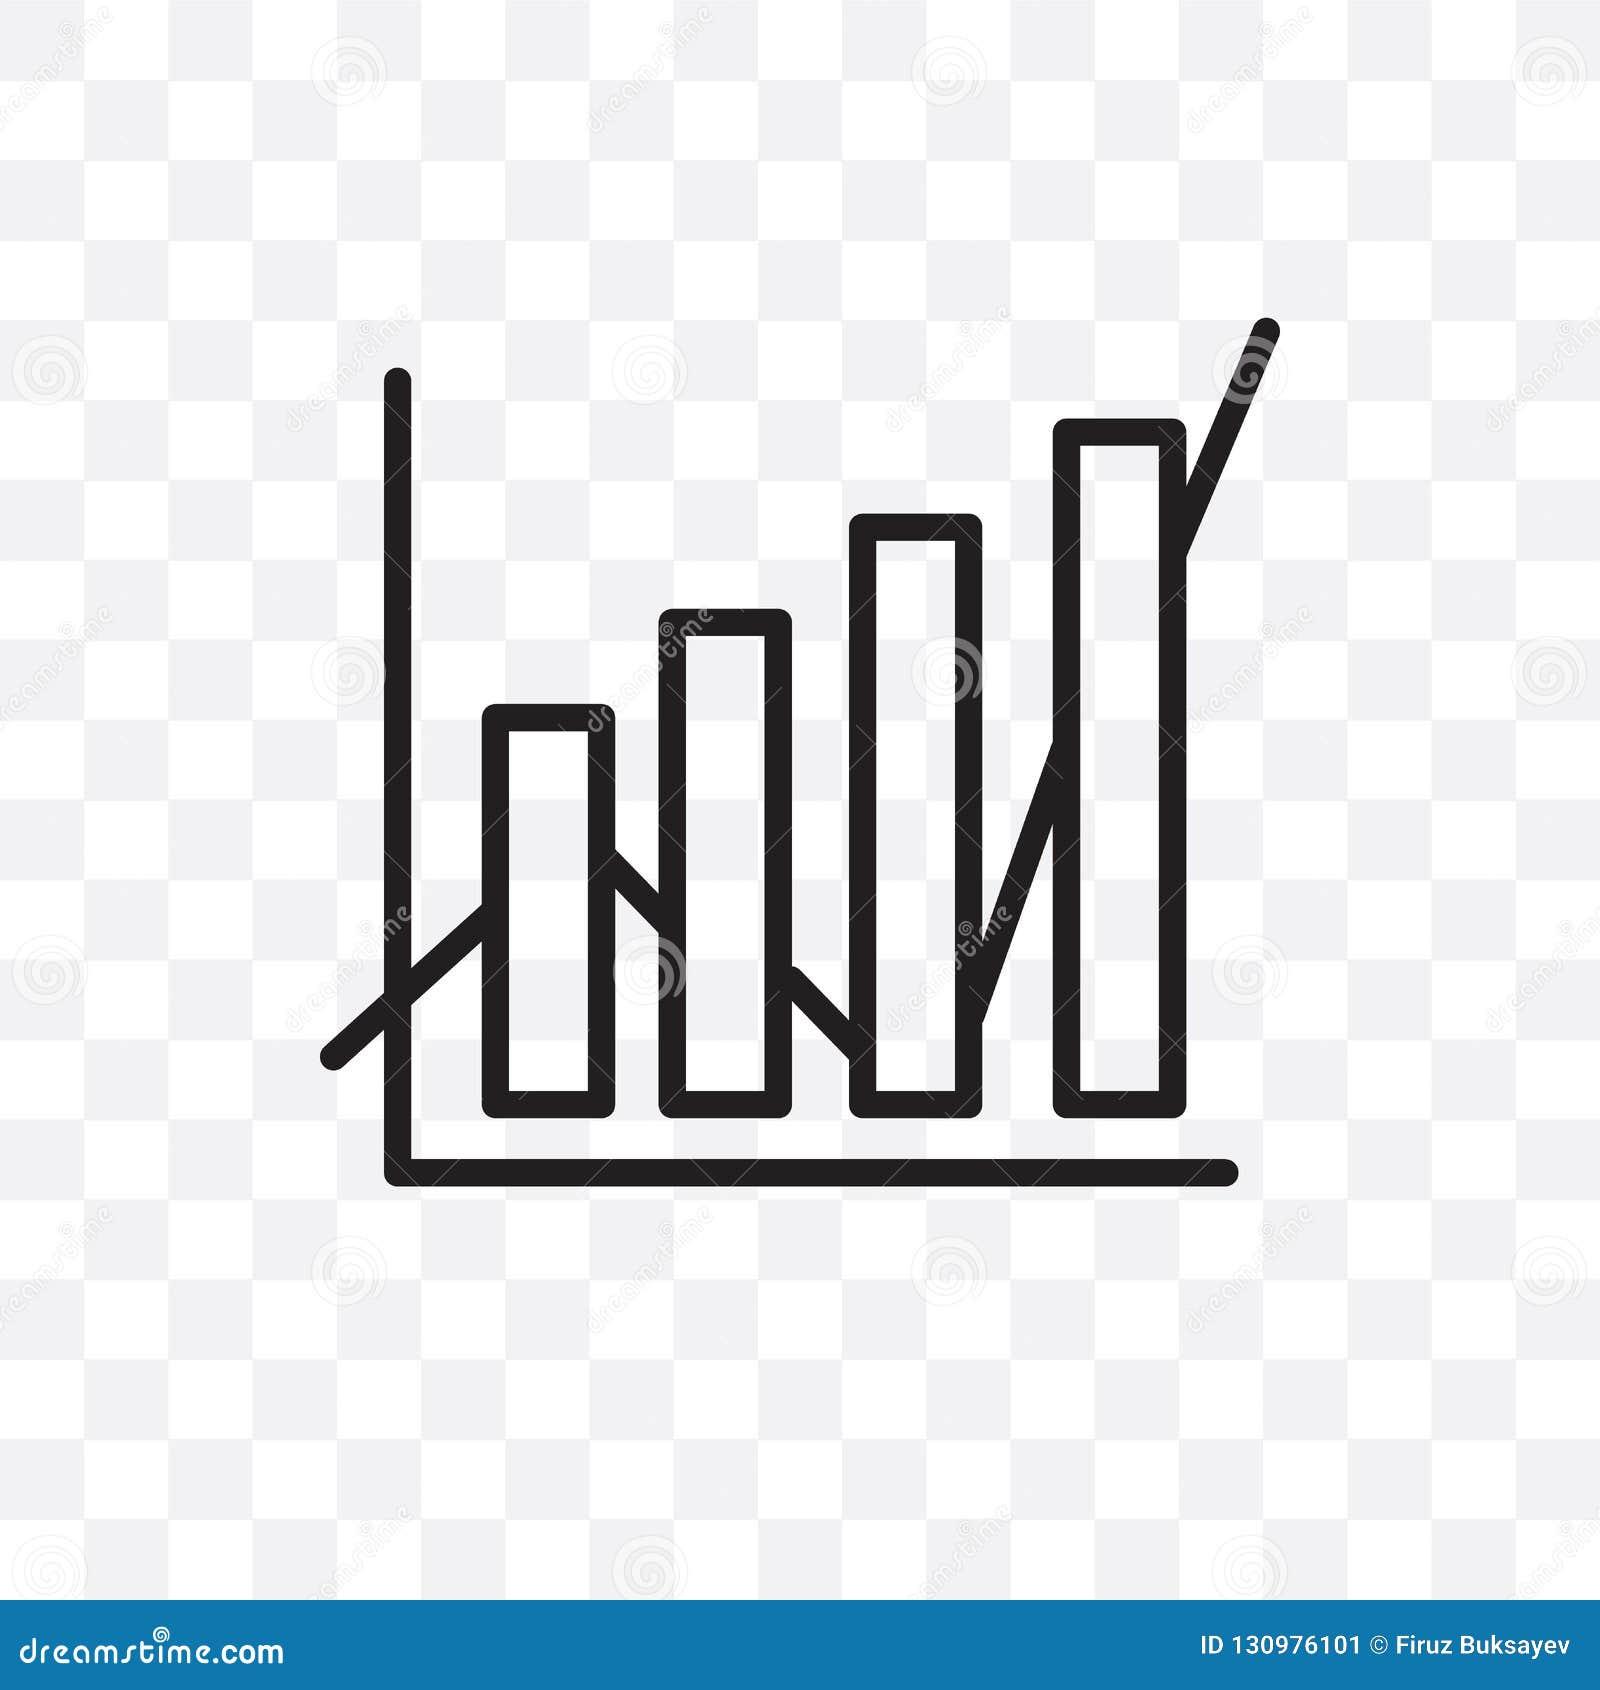 Die lineare Ikone des Daten Analytics-Vektors, die auf transparentem Hintergrund, Daten Analytics-Transparenzkonzept lokalisiert